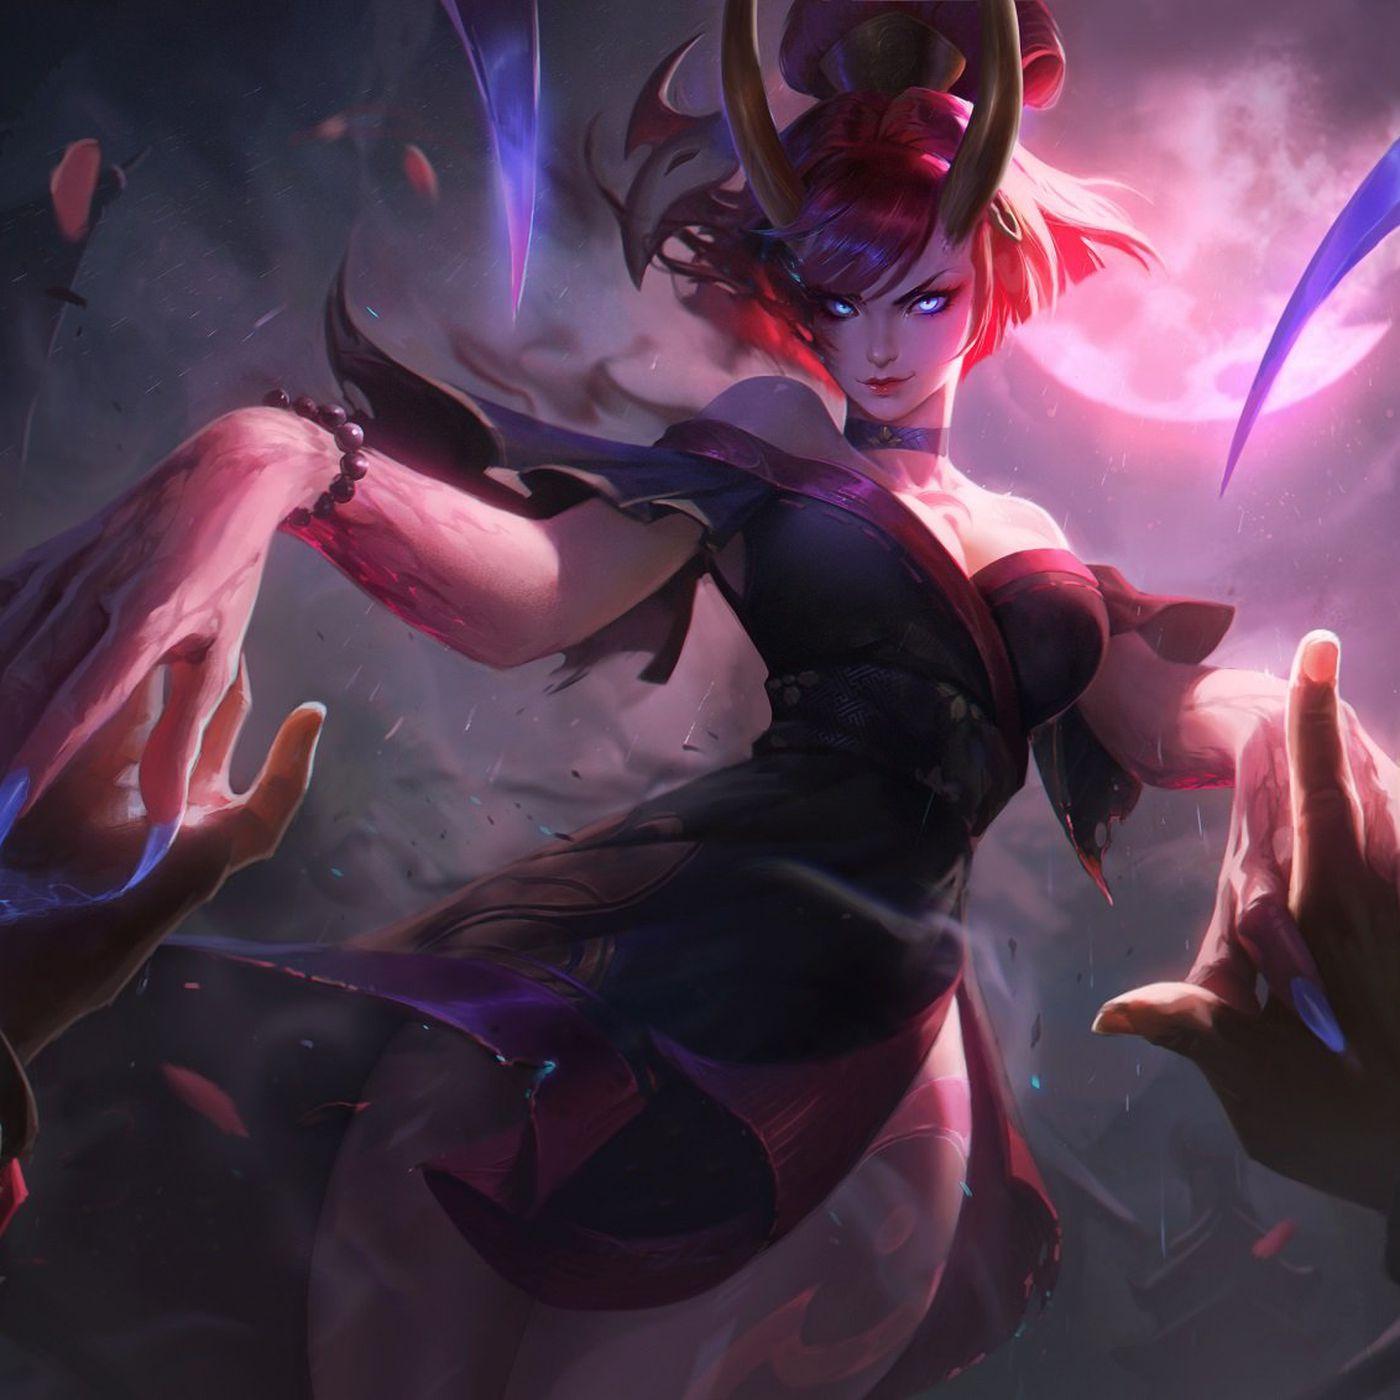 Blood Mood Evelynn Is The Red Demon Skin She Deserves The Rift Herald